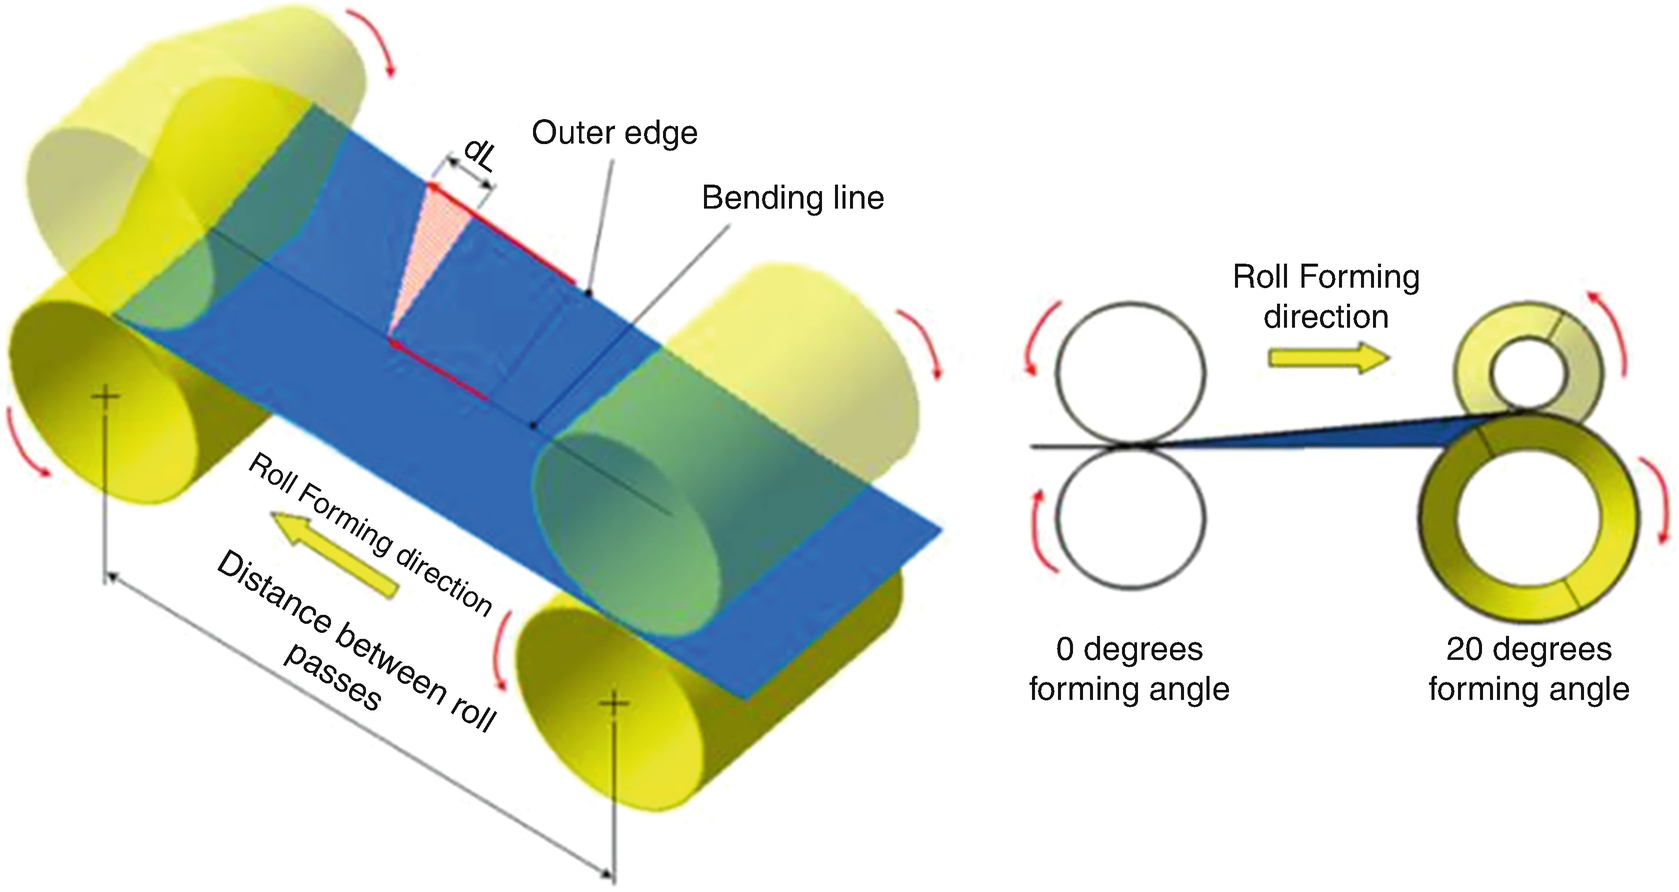 Roll Forming Springerlink